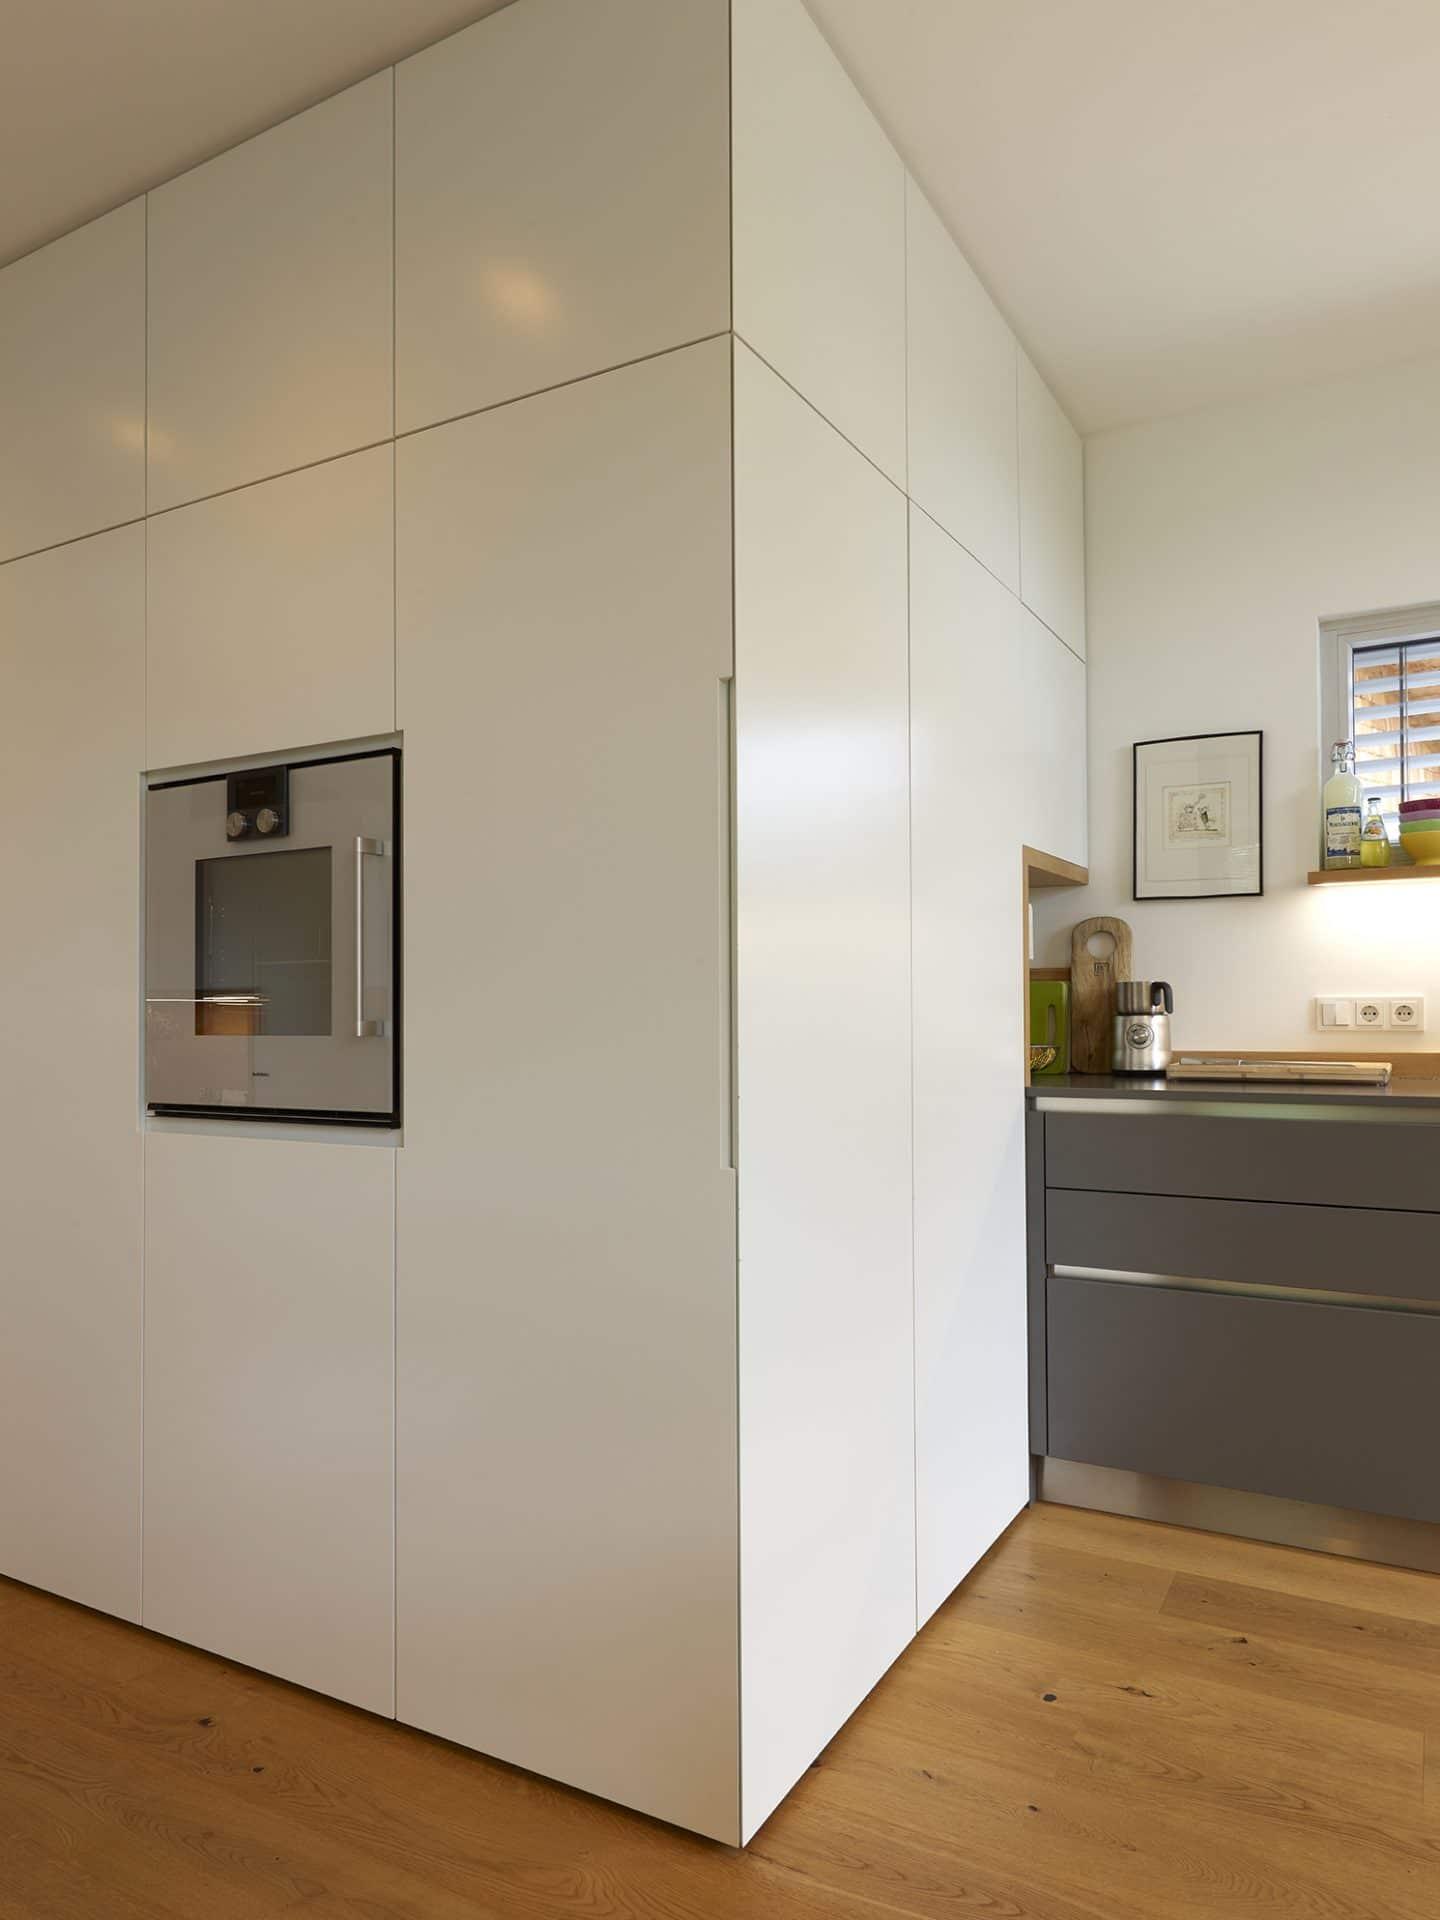 Küchendesign von VOIT in Eiche Natur mit BetonART und Edelstahl - Kühlschrank geschlossen, links ums Eck Einbaugerät